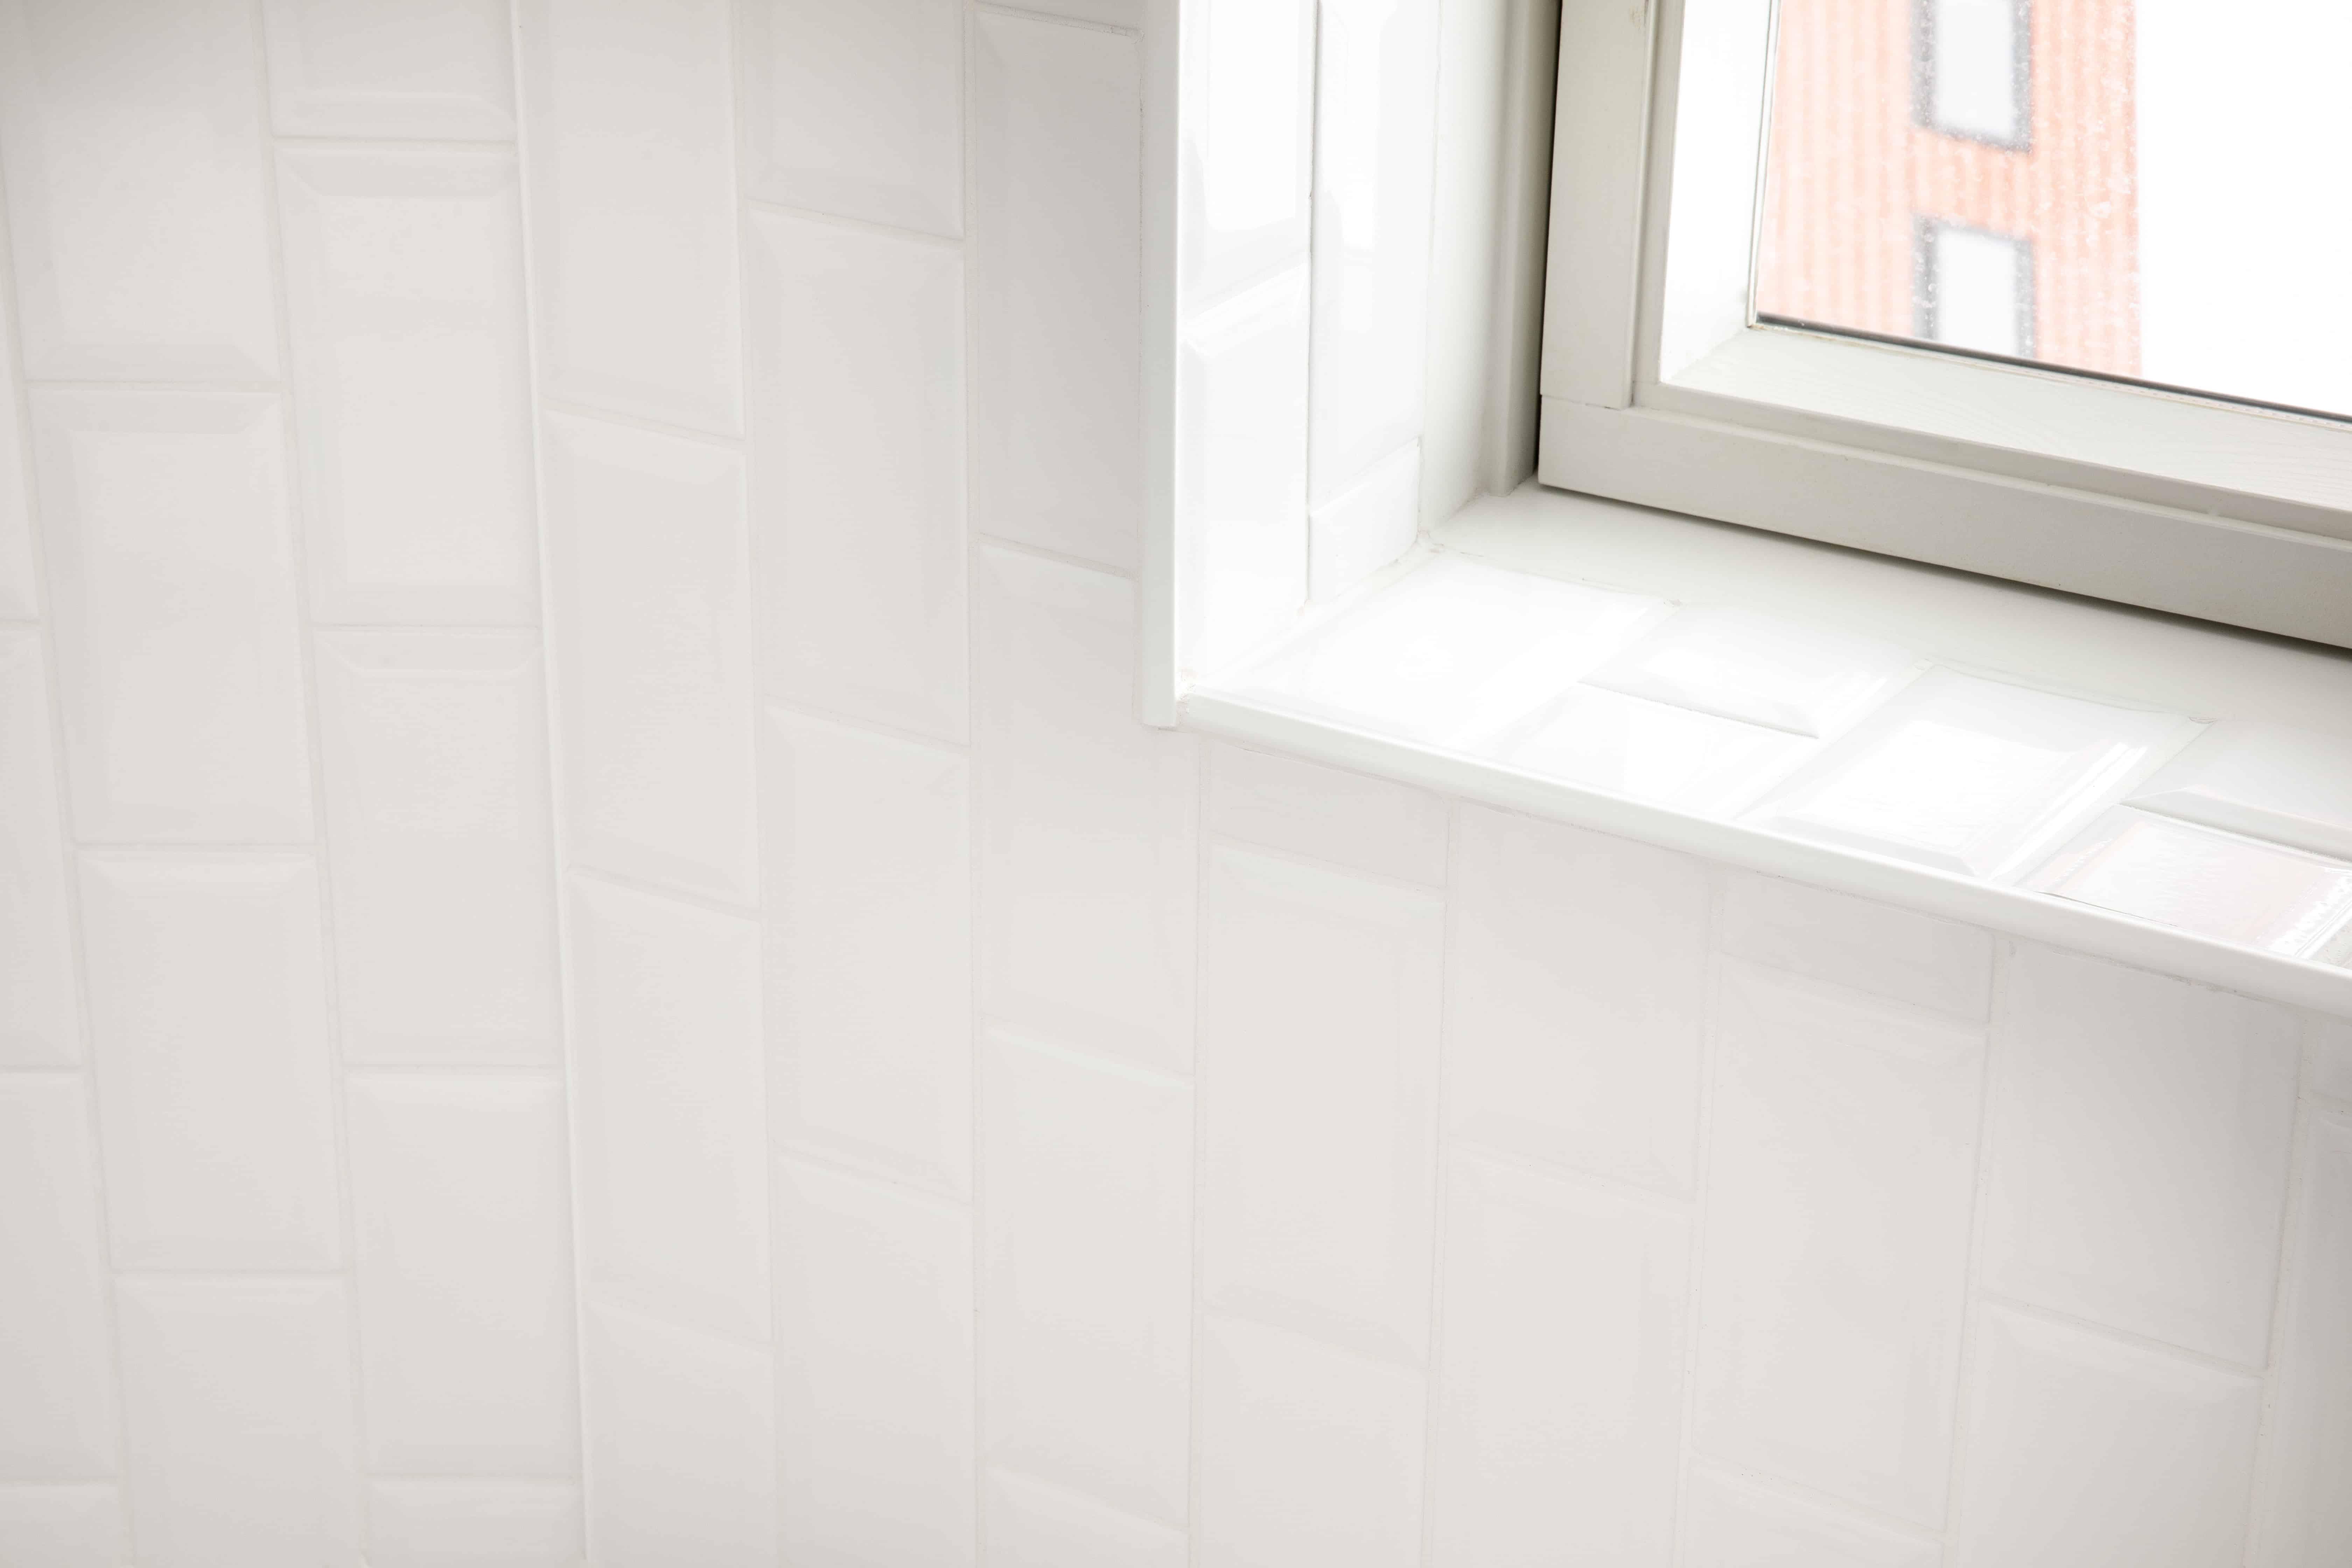 Kleine witte tegels in badkamer - Diksmuide